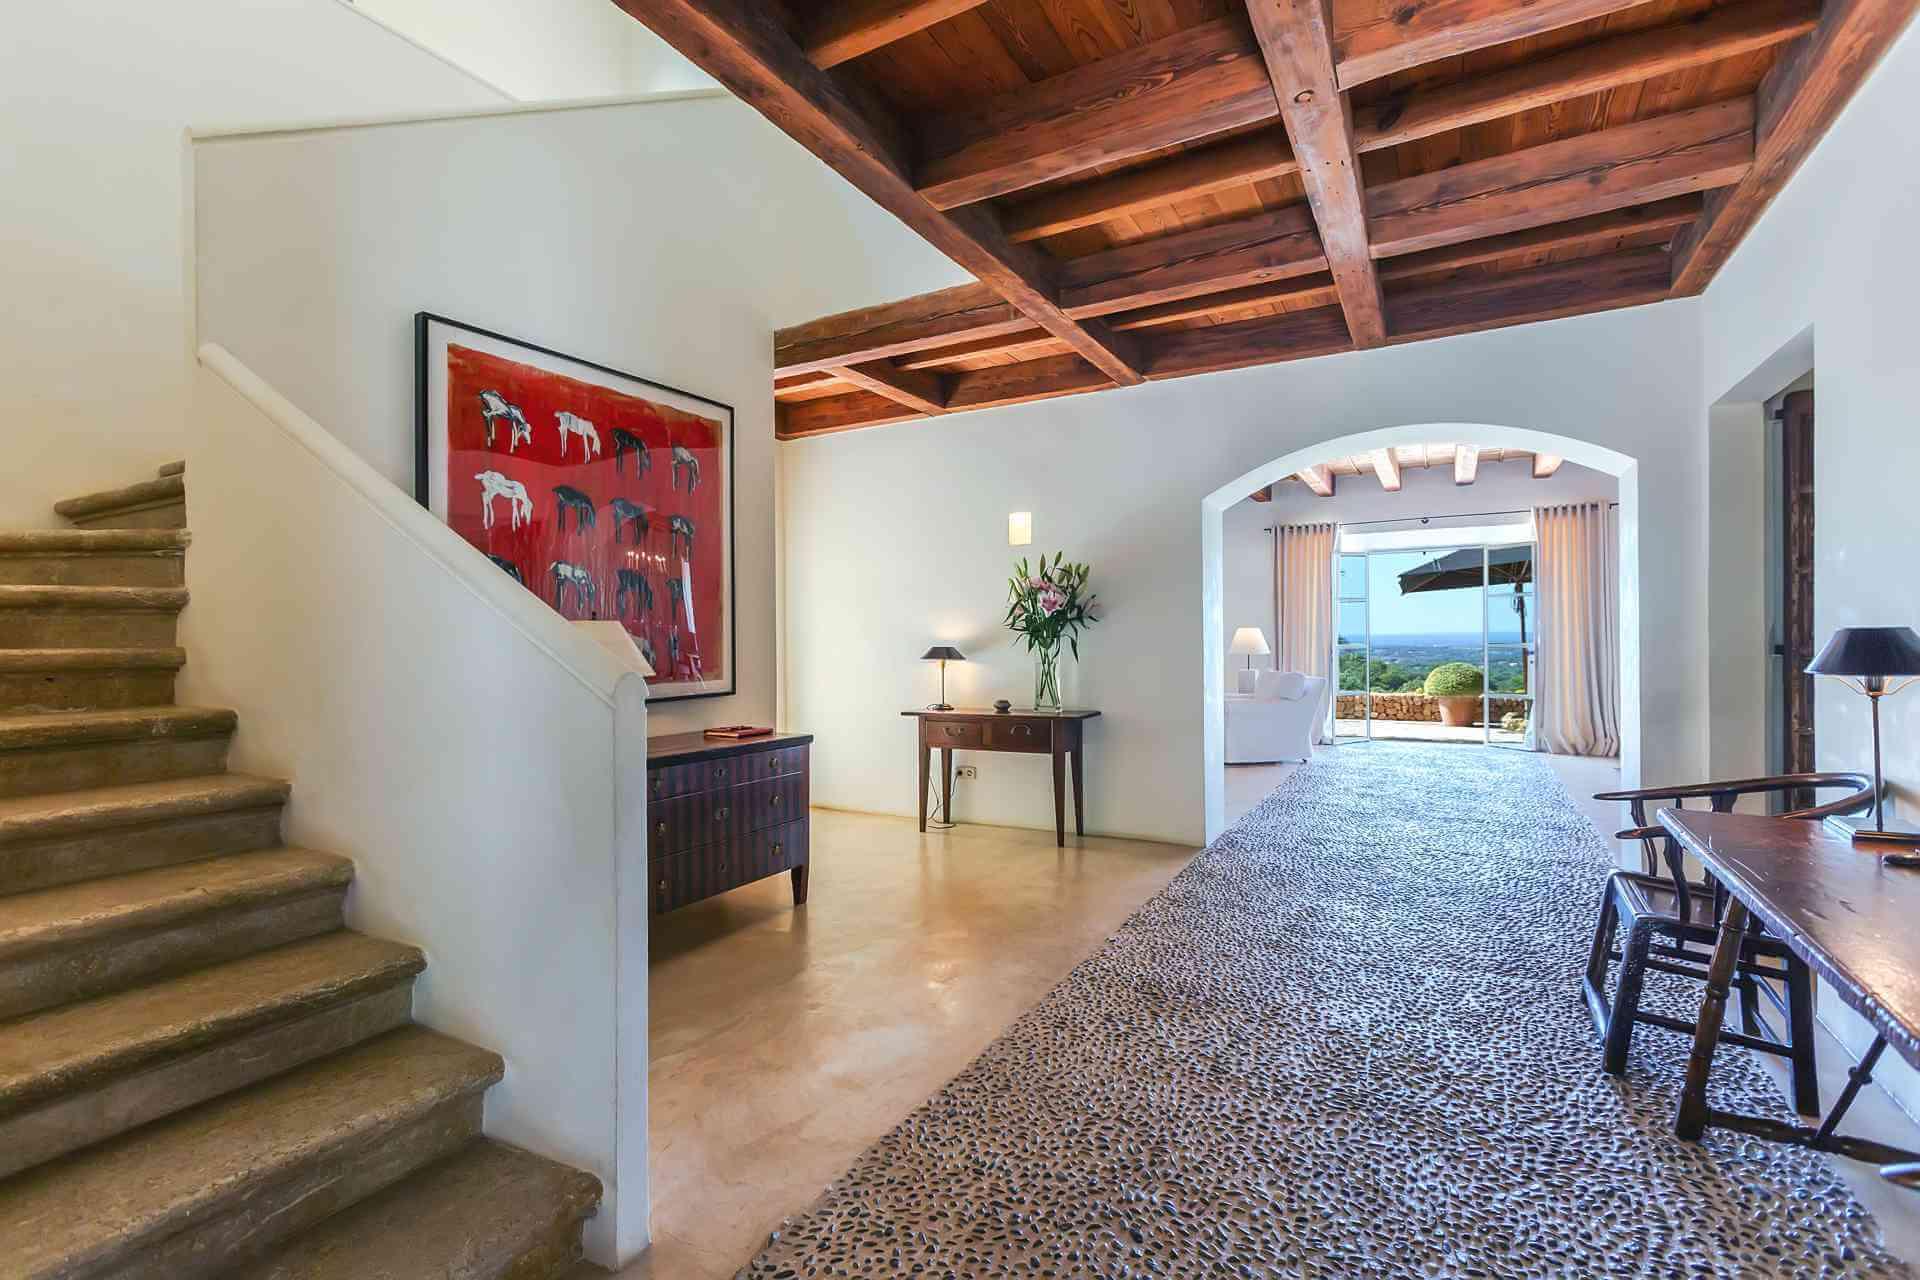 01-343 luxuriöse Finca Mallorca Süden Bild 9